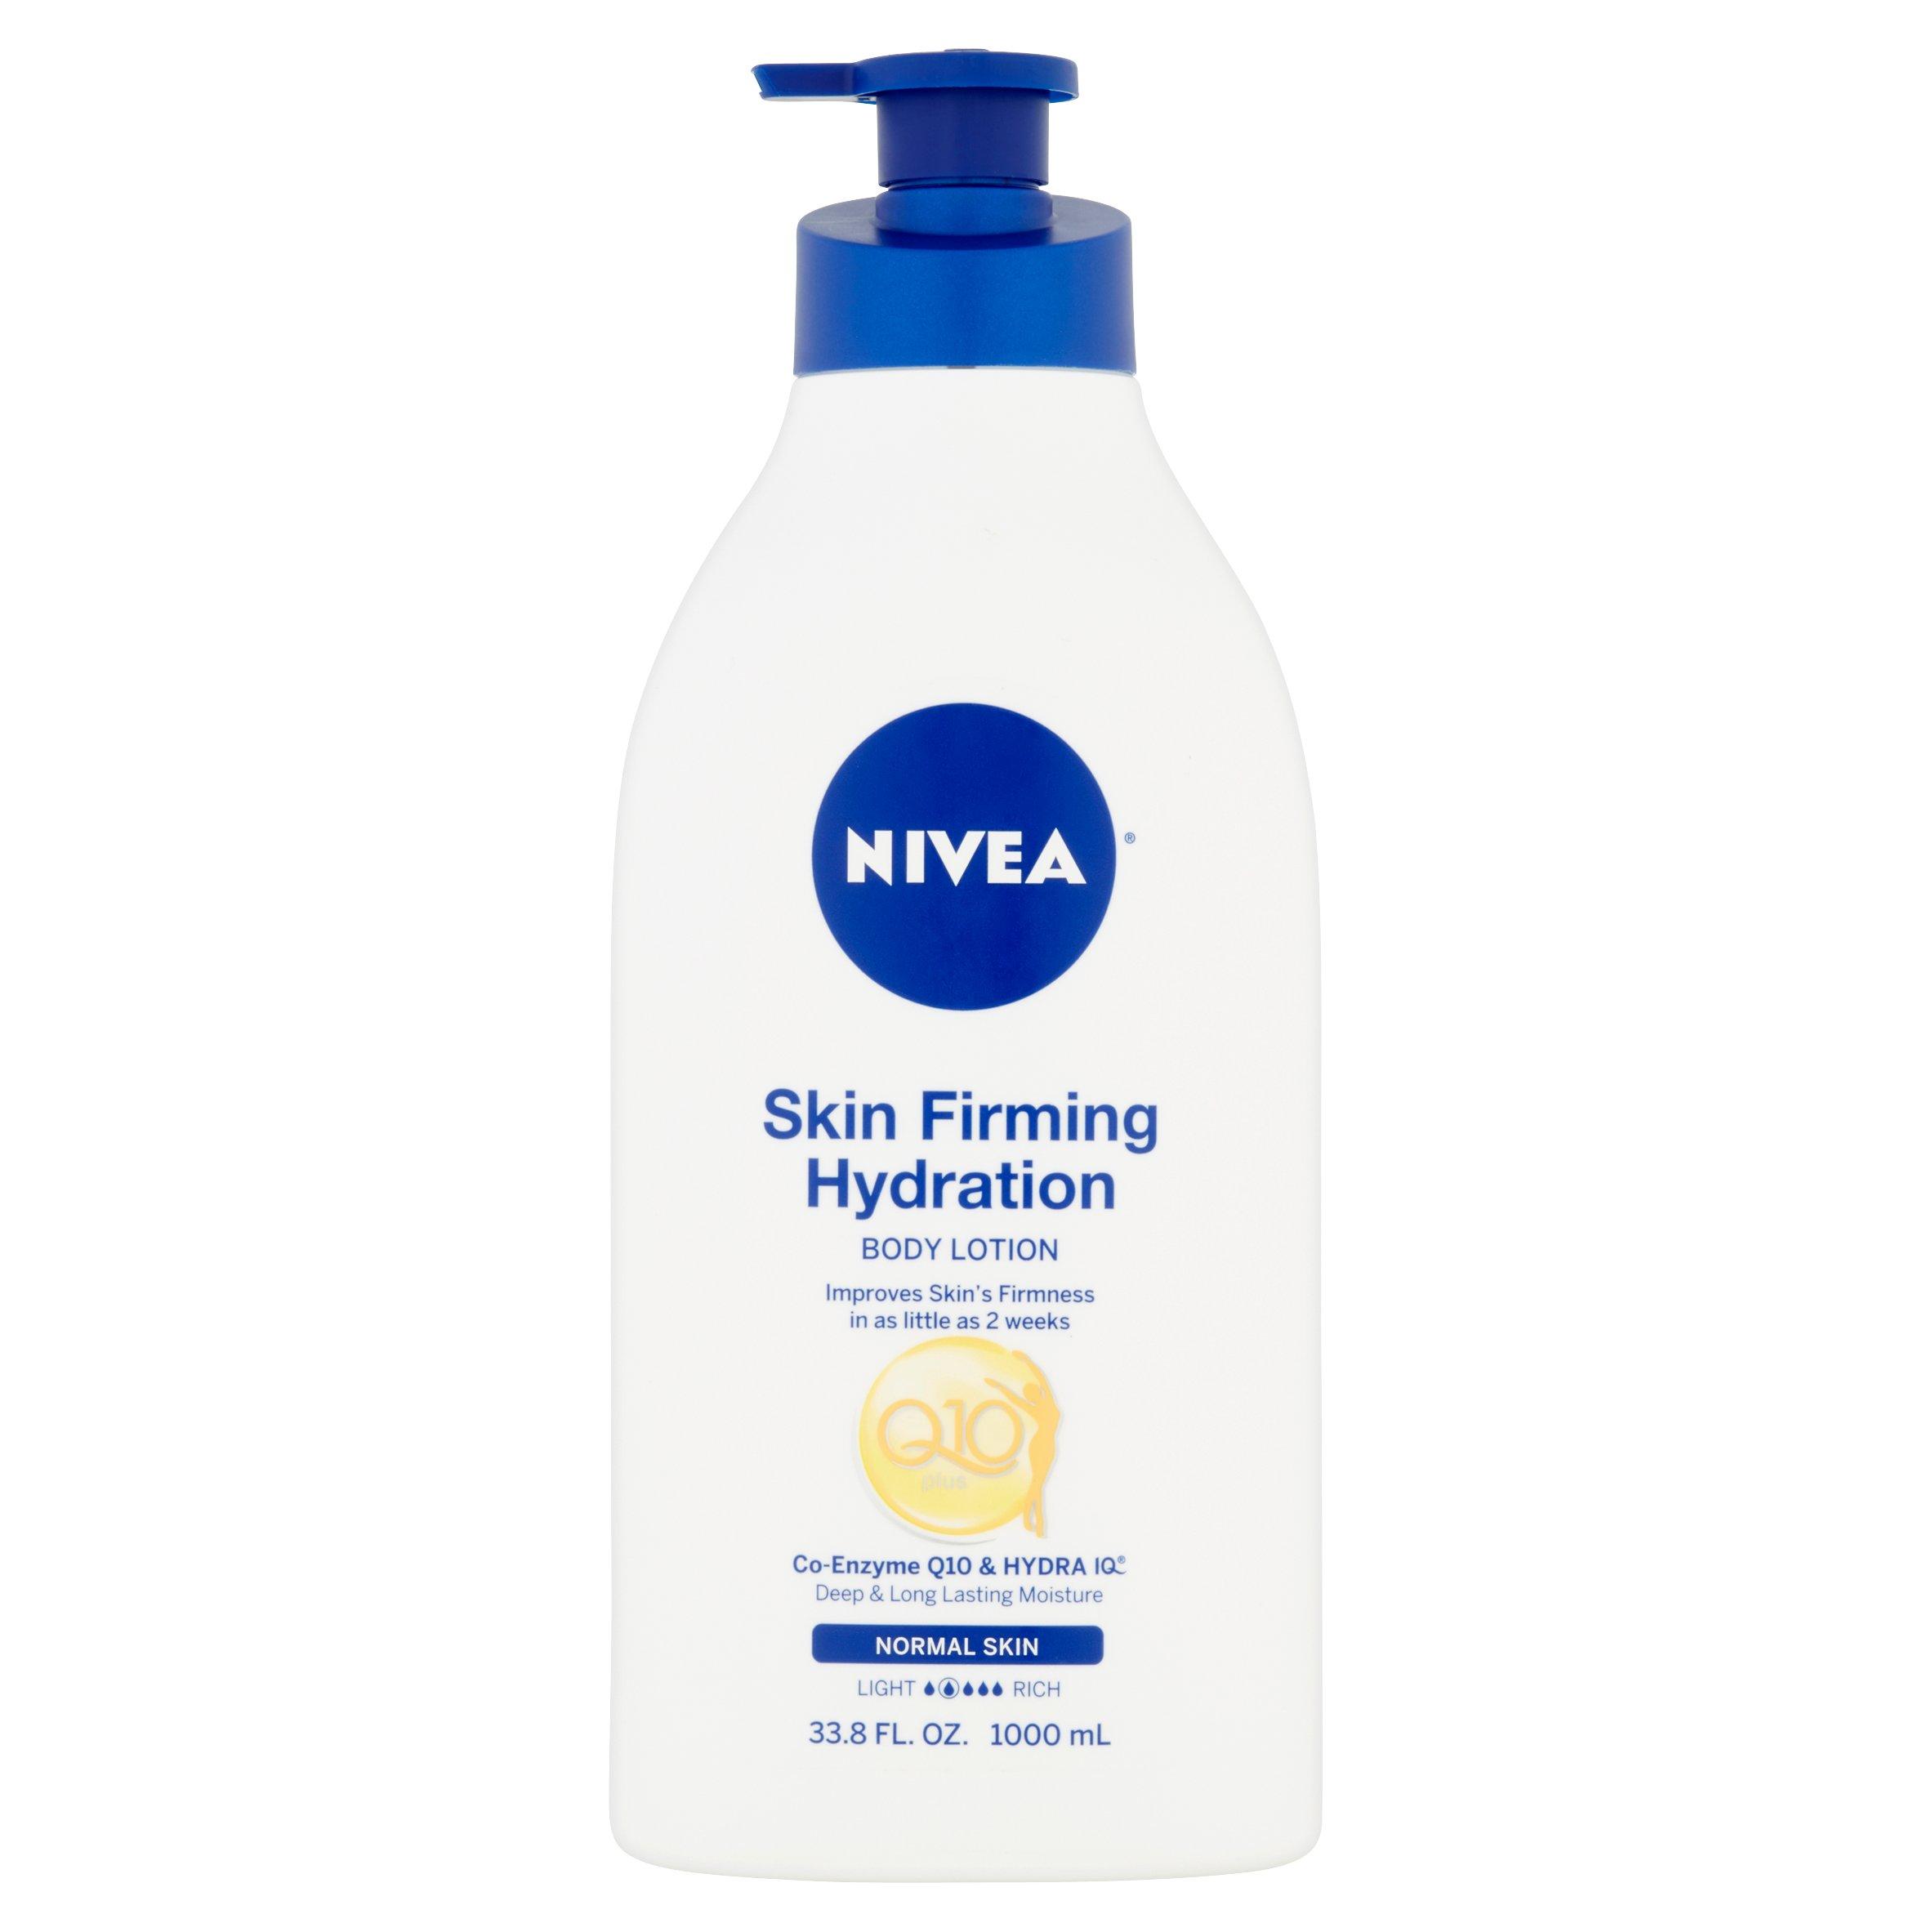 NIVEA Skin Firming Hydration Body Lotion, 33.8 fl oz - Walmart.com